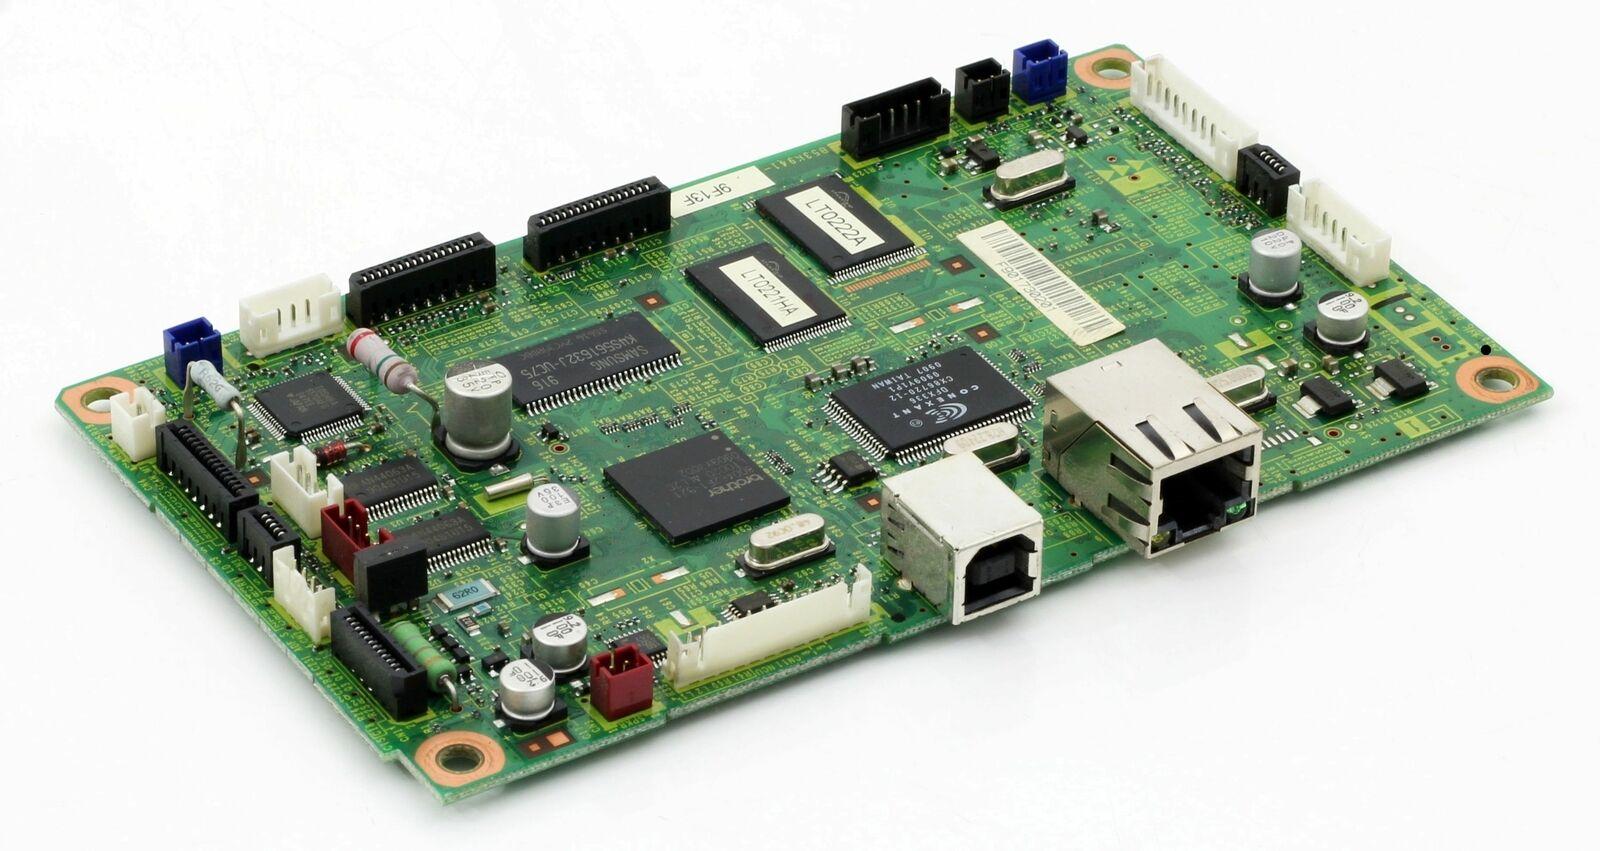 Brother formatteur lt0204004 conseil pour imprimante laser mfc-7840w utilisé